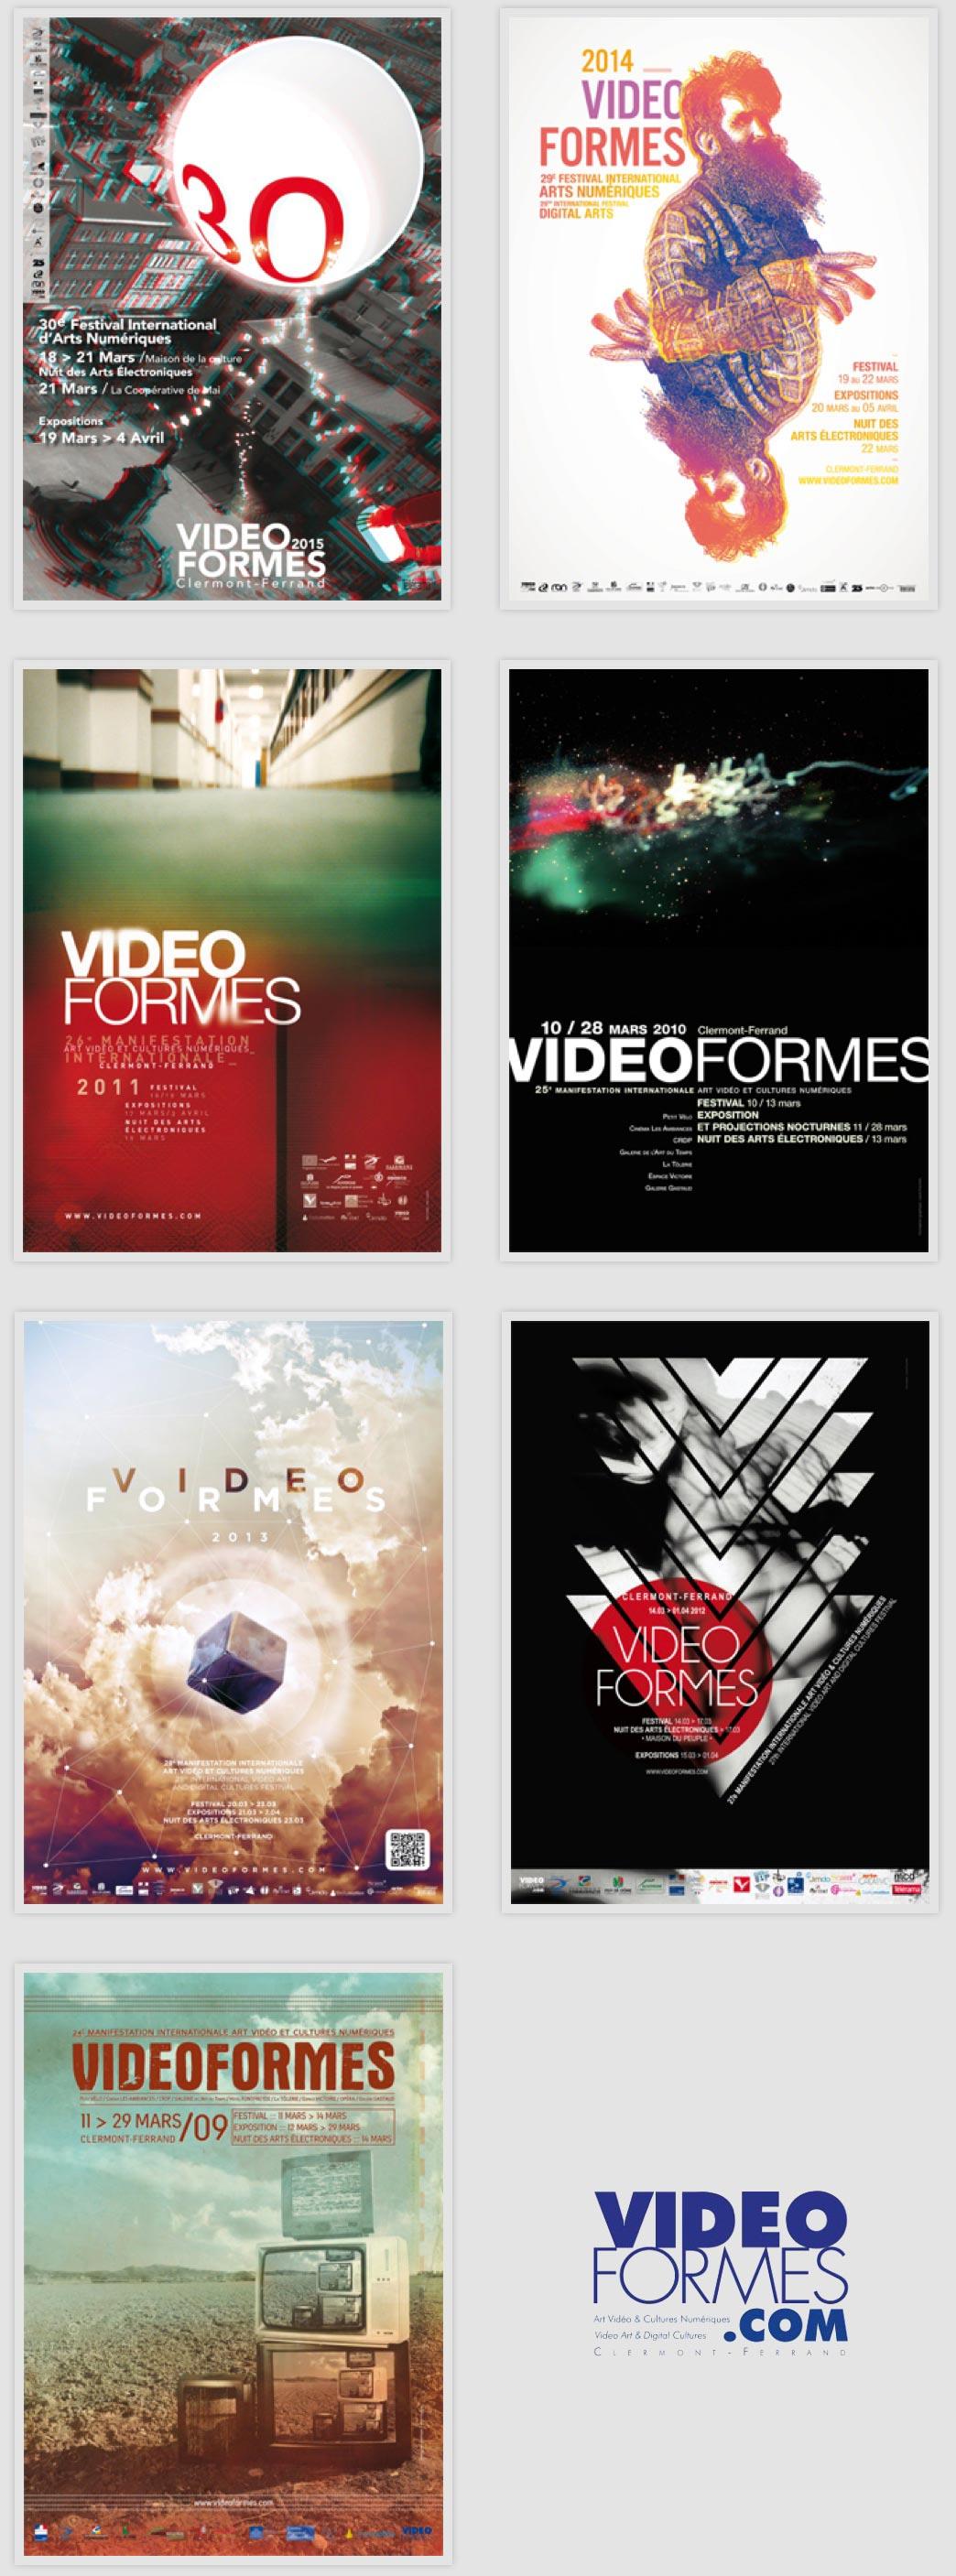 videoformes-festival-affiches-vertical_Transnumeriques_Mons2015_Transcultures